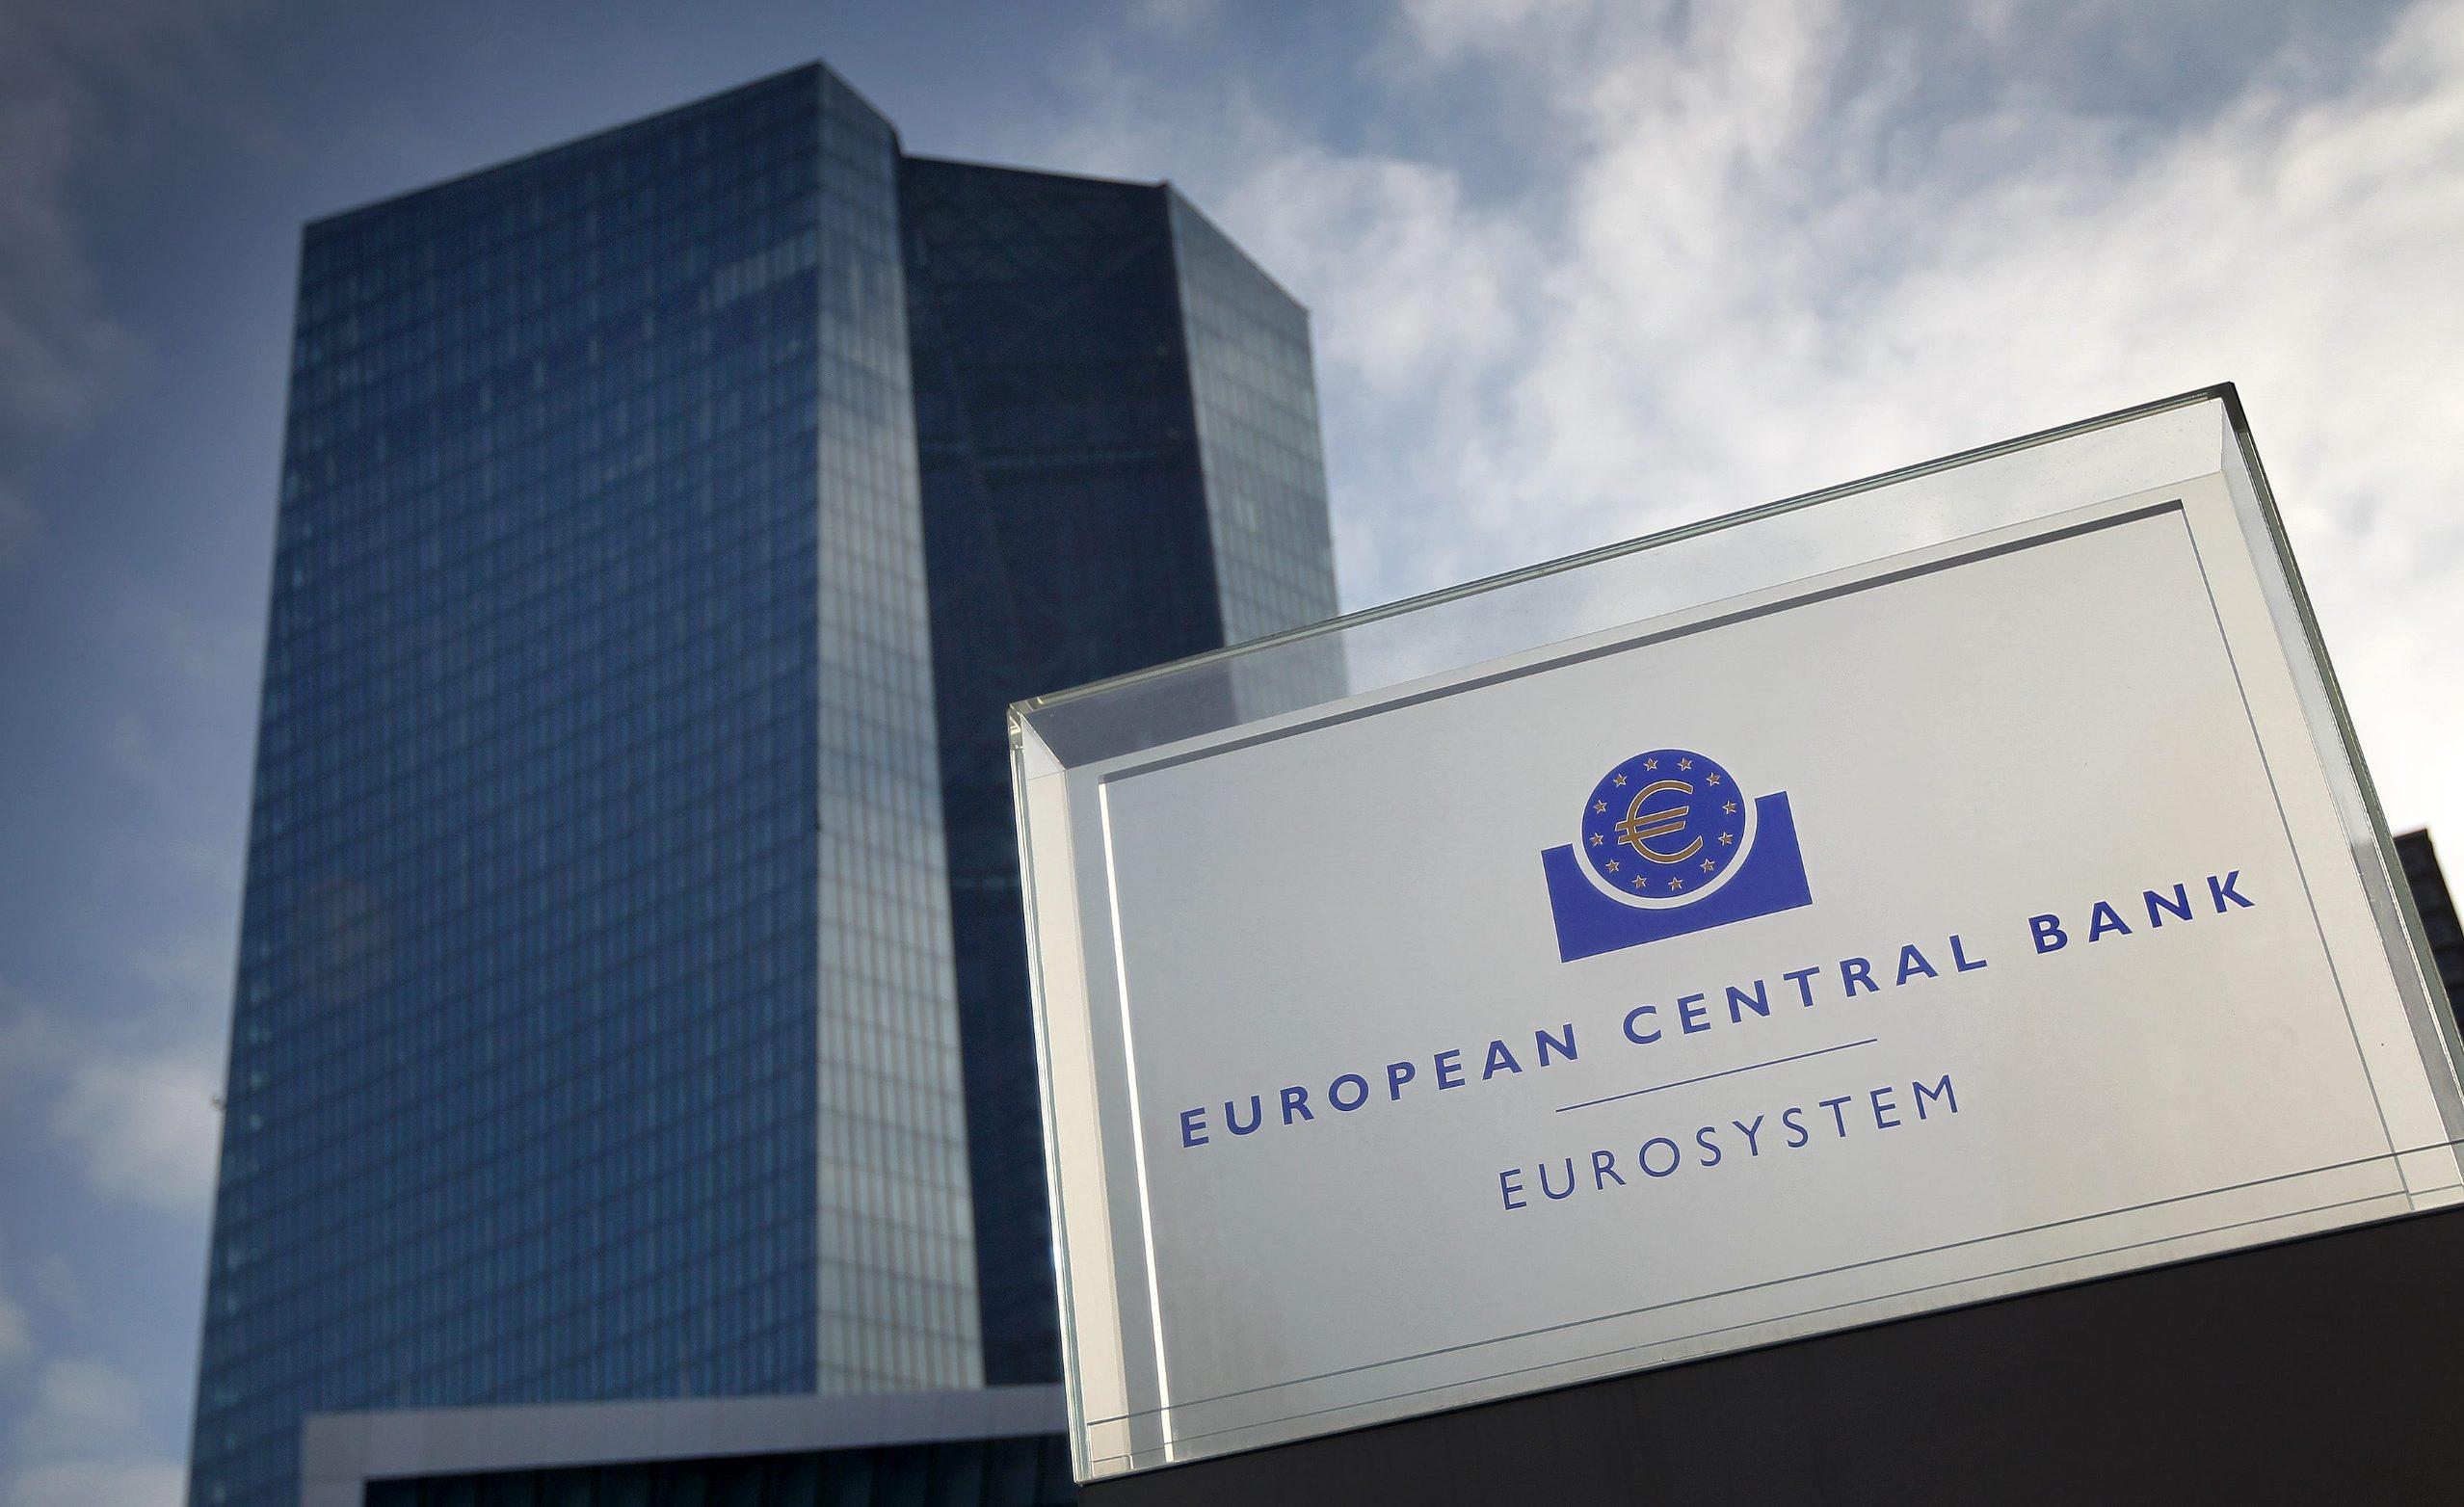 Sjedište Europske središnje banke, ECB